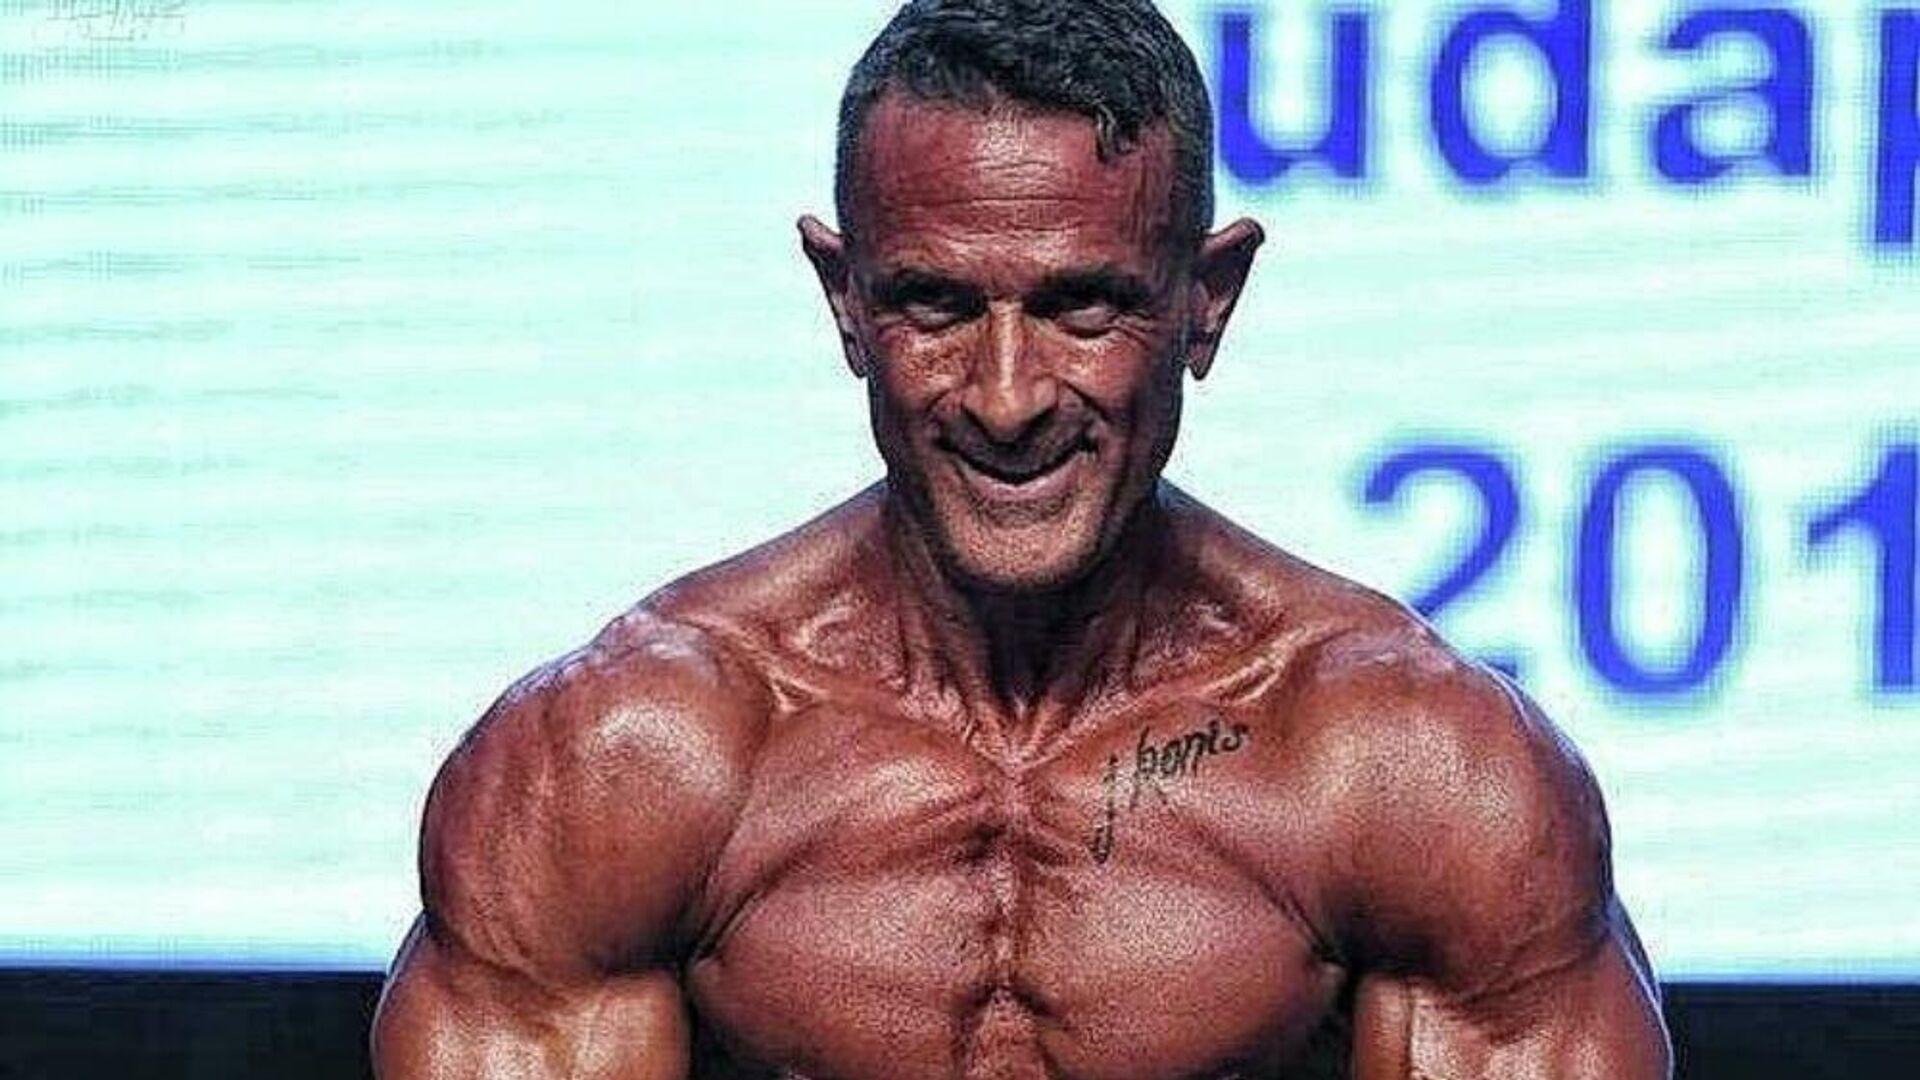 Ο Έλληνας πρωταθλητής bodybuilding, Βασίλης Μοϊντίνης - Sputnik Ελλάδα, 1920, 11.10.2021